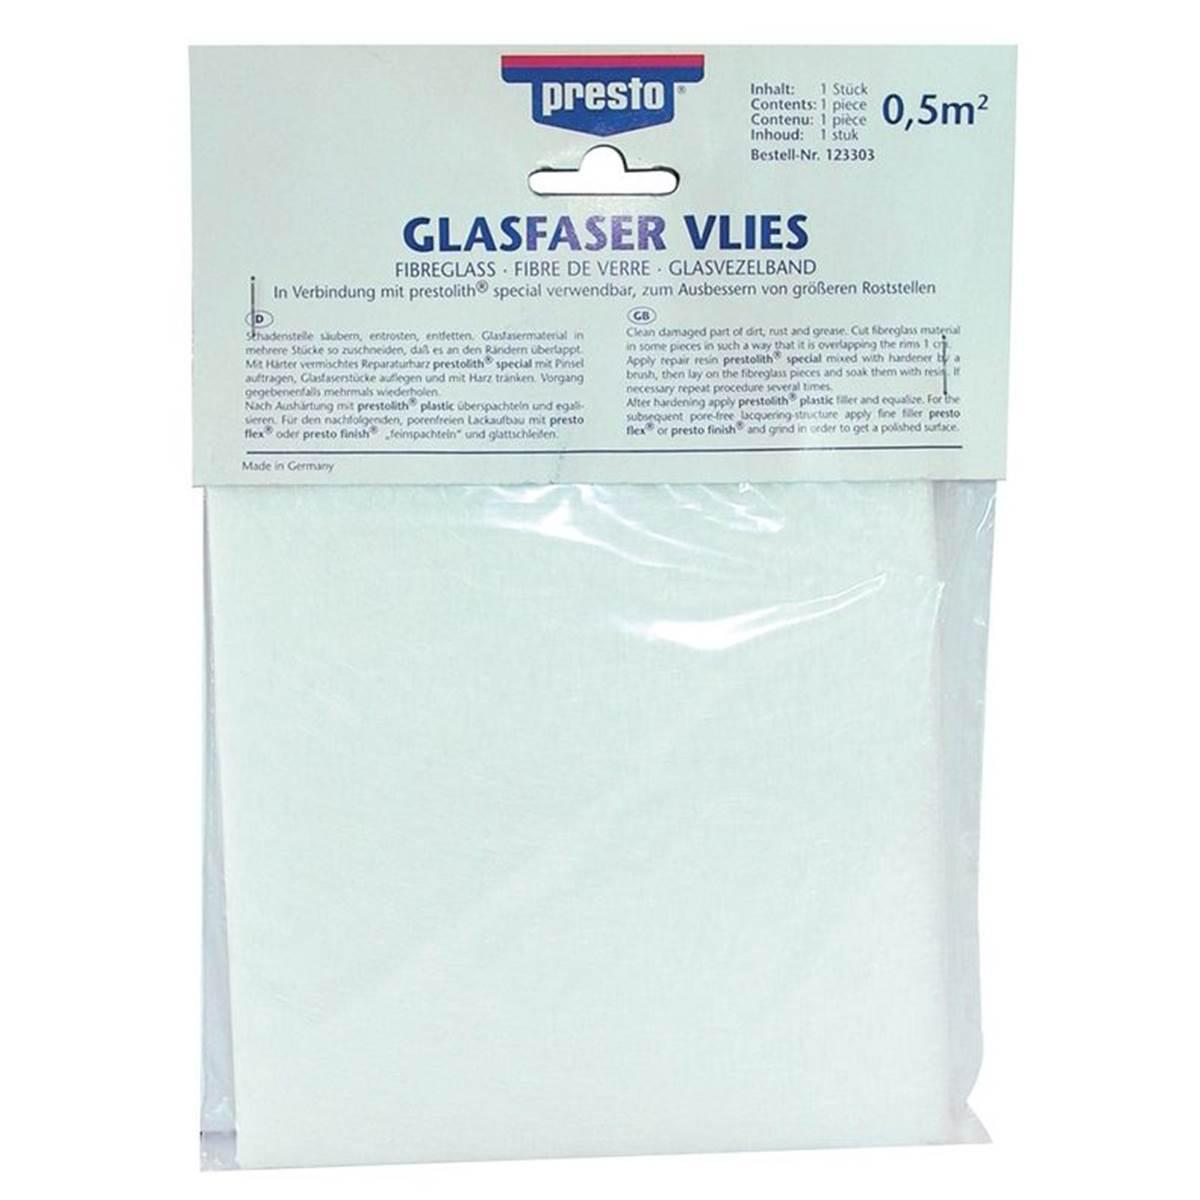 Fibre de verre tissage fin Presto 0,5 m²